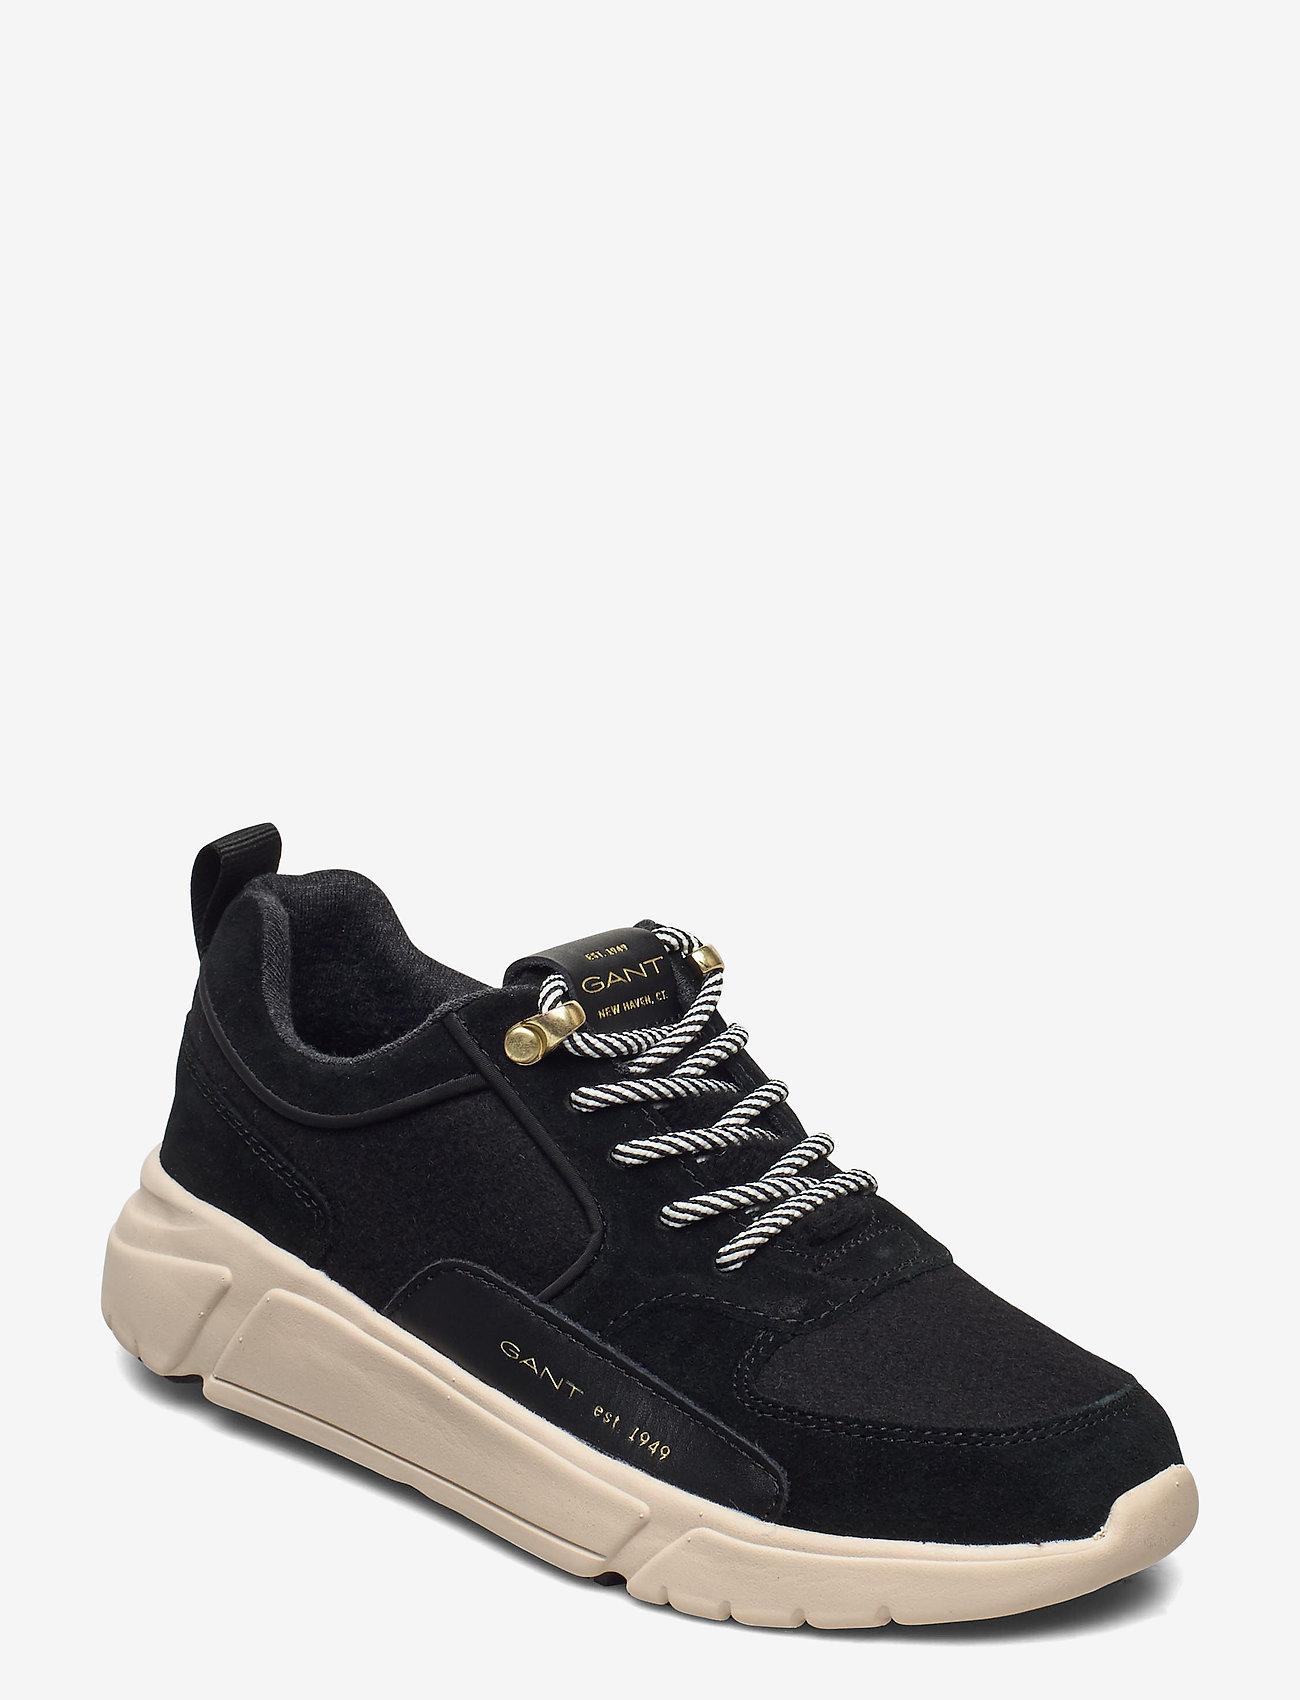 Cocoville Low Lace Shoes (Black) (71.47